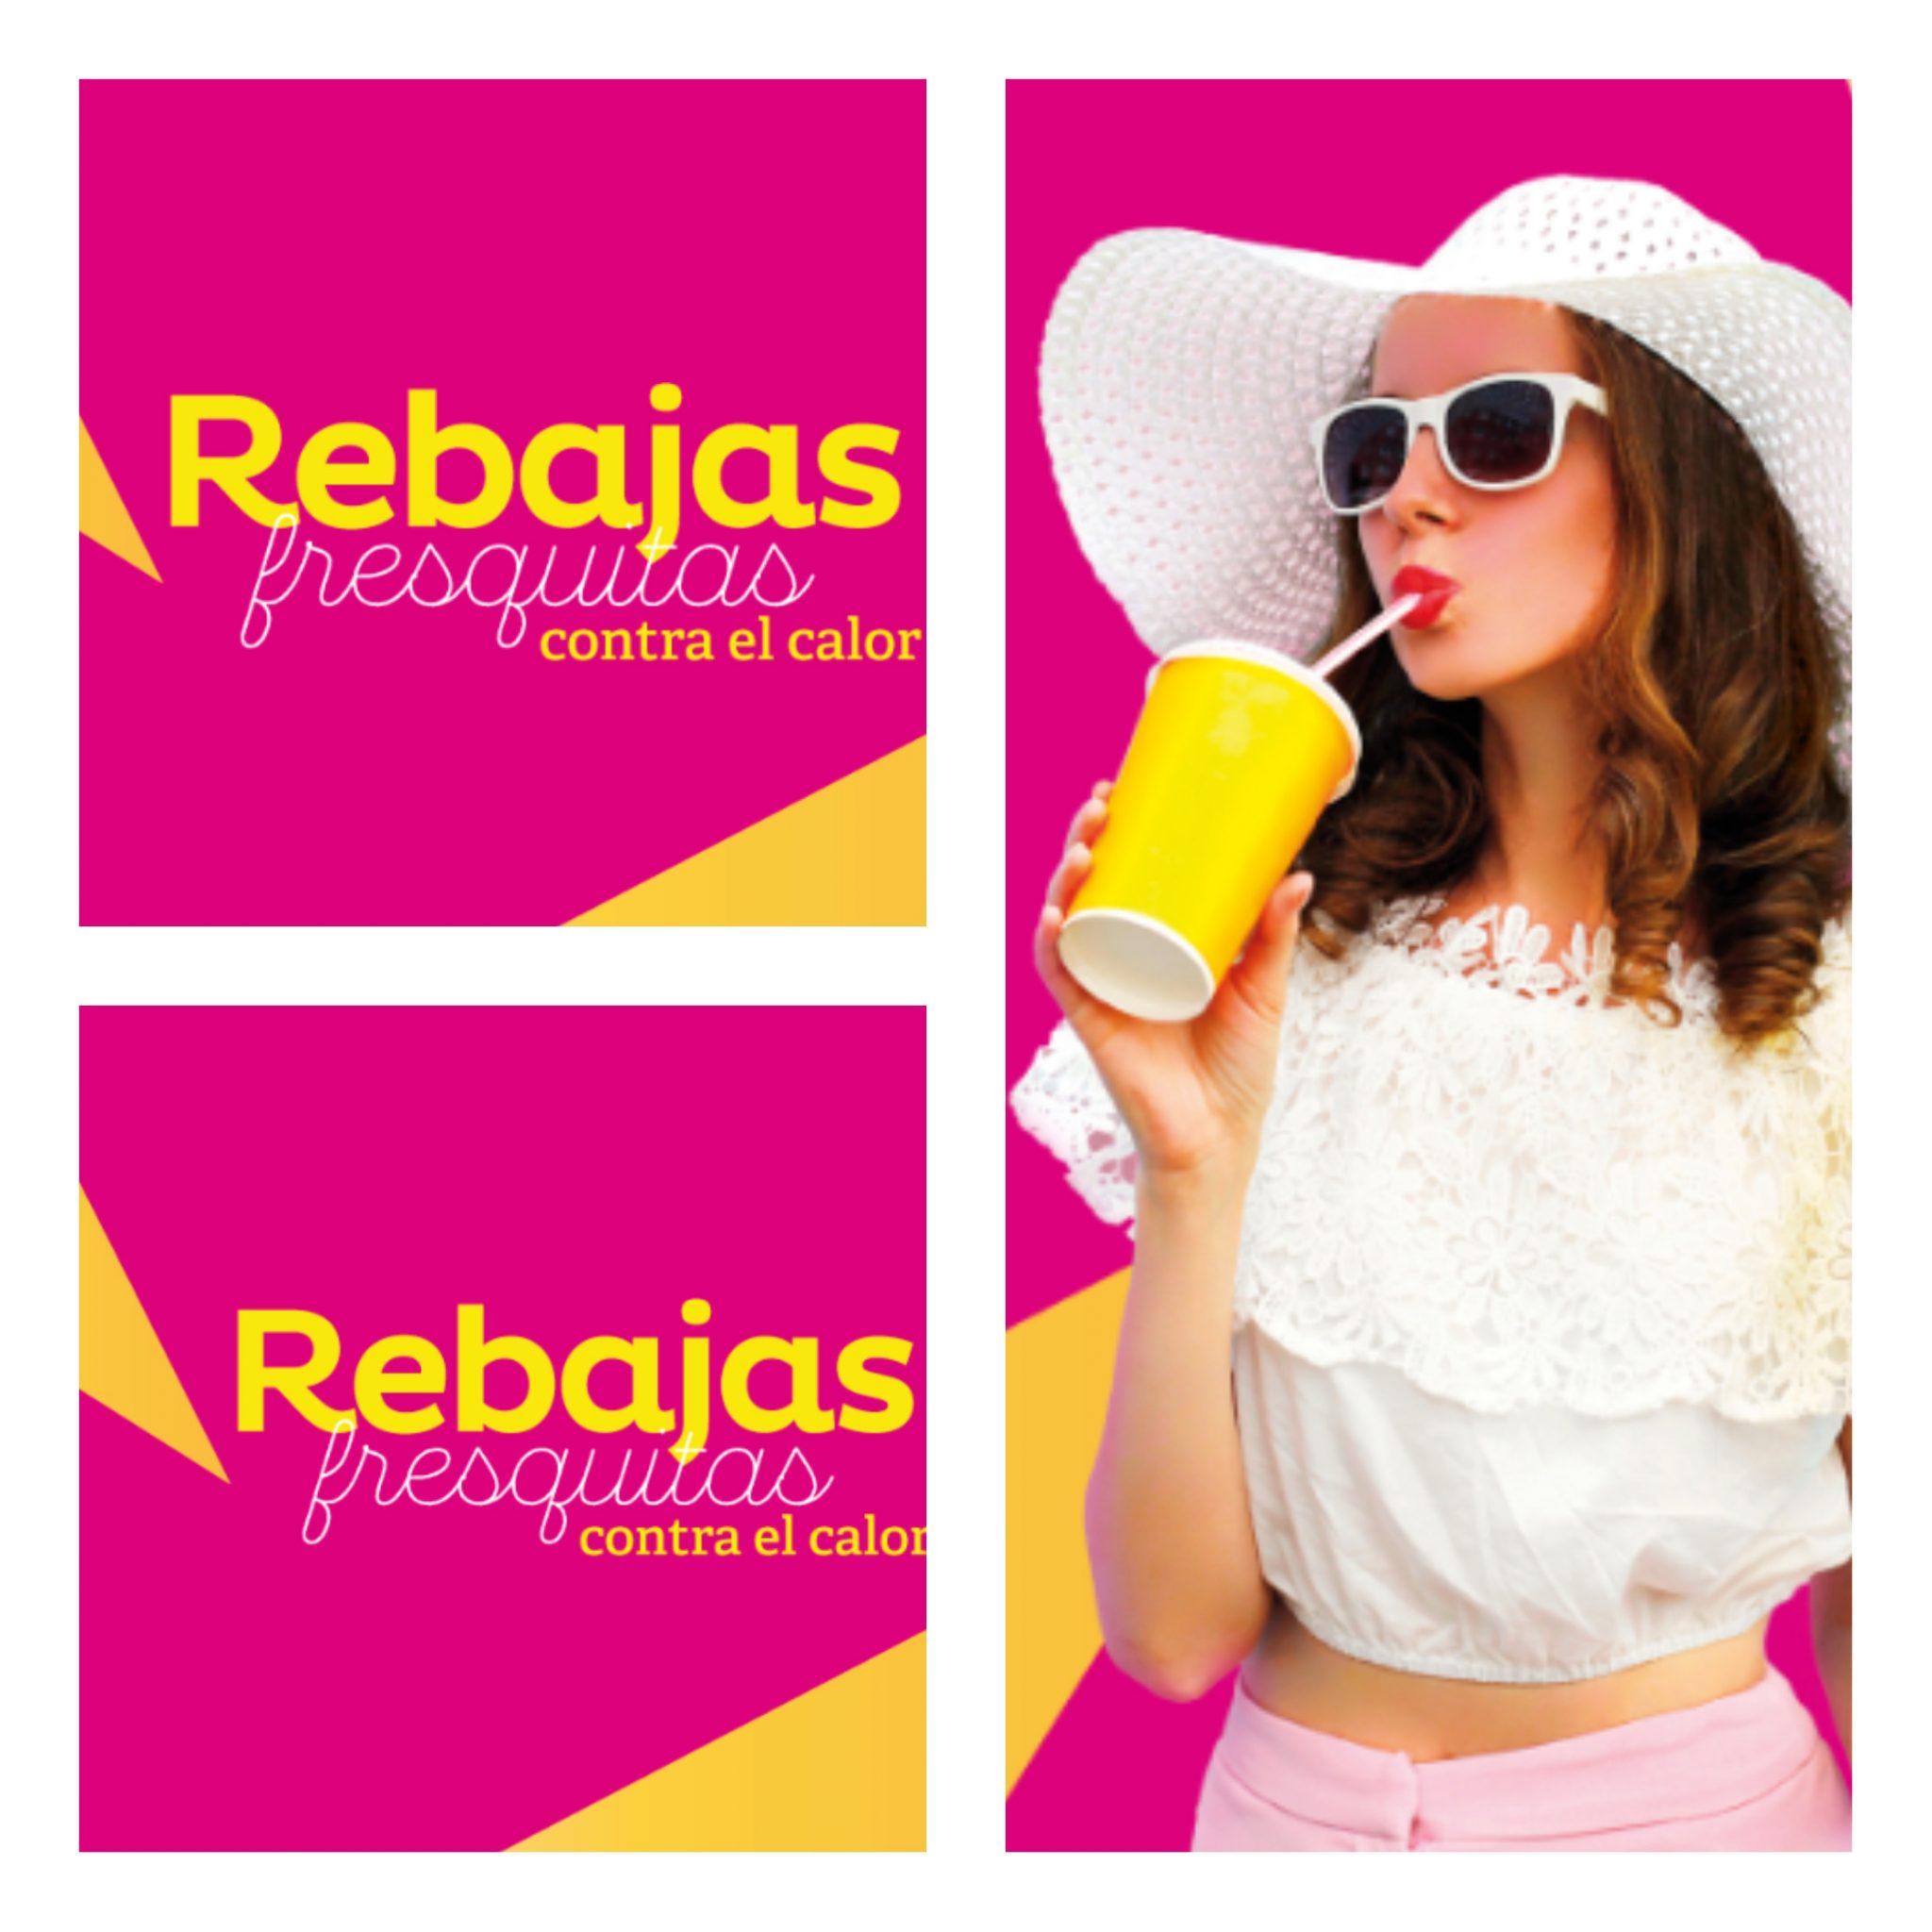 rebajas_priver_3